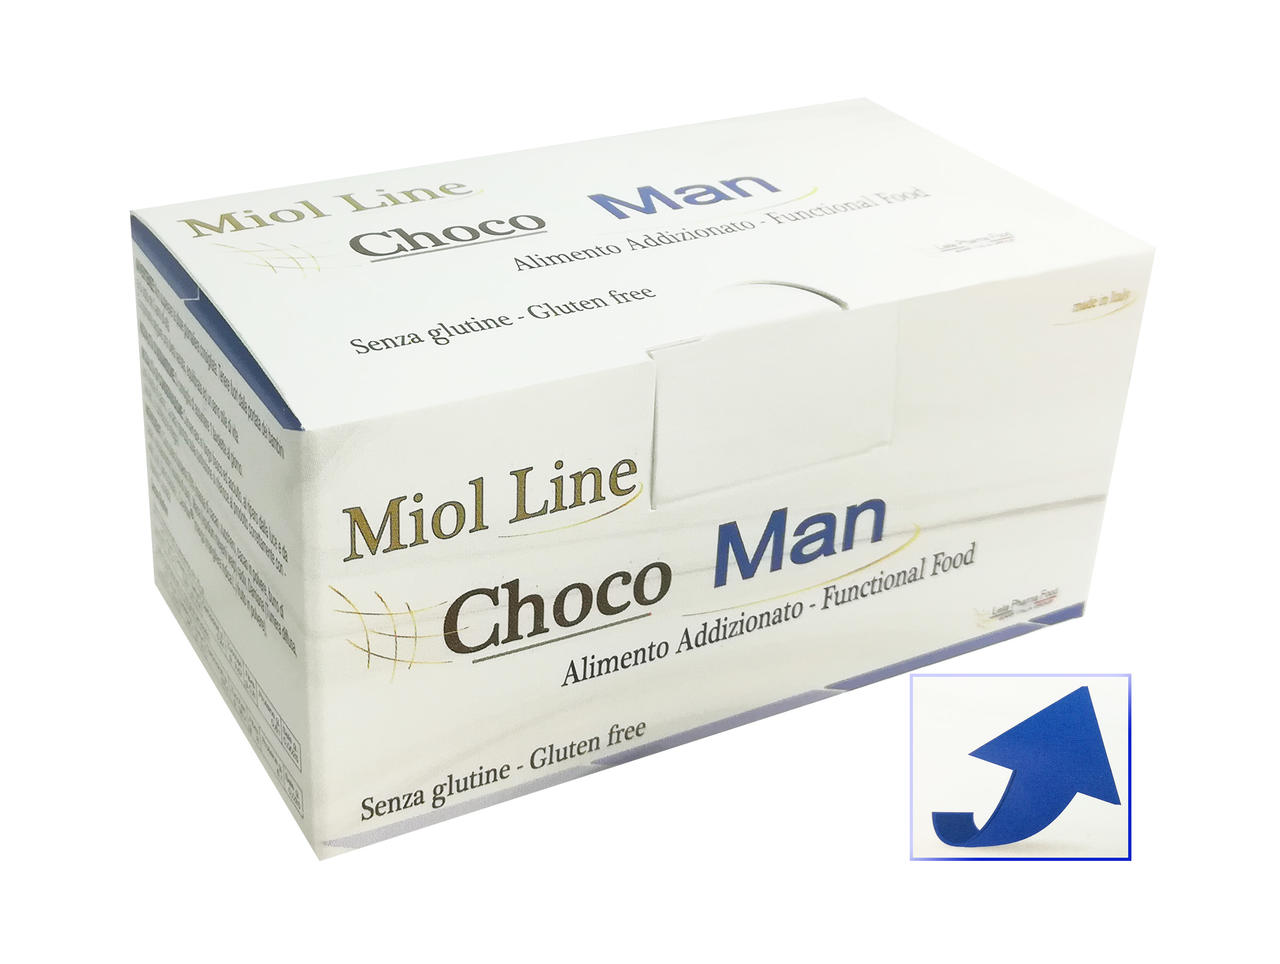 Choco Man Miol - Tavolette di cioccolato fondente 70% 7pz x 10g